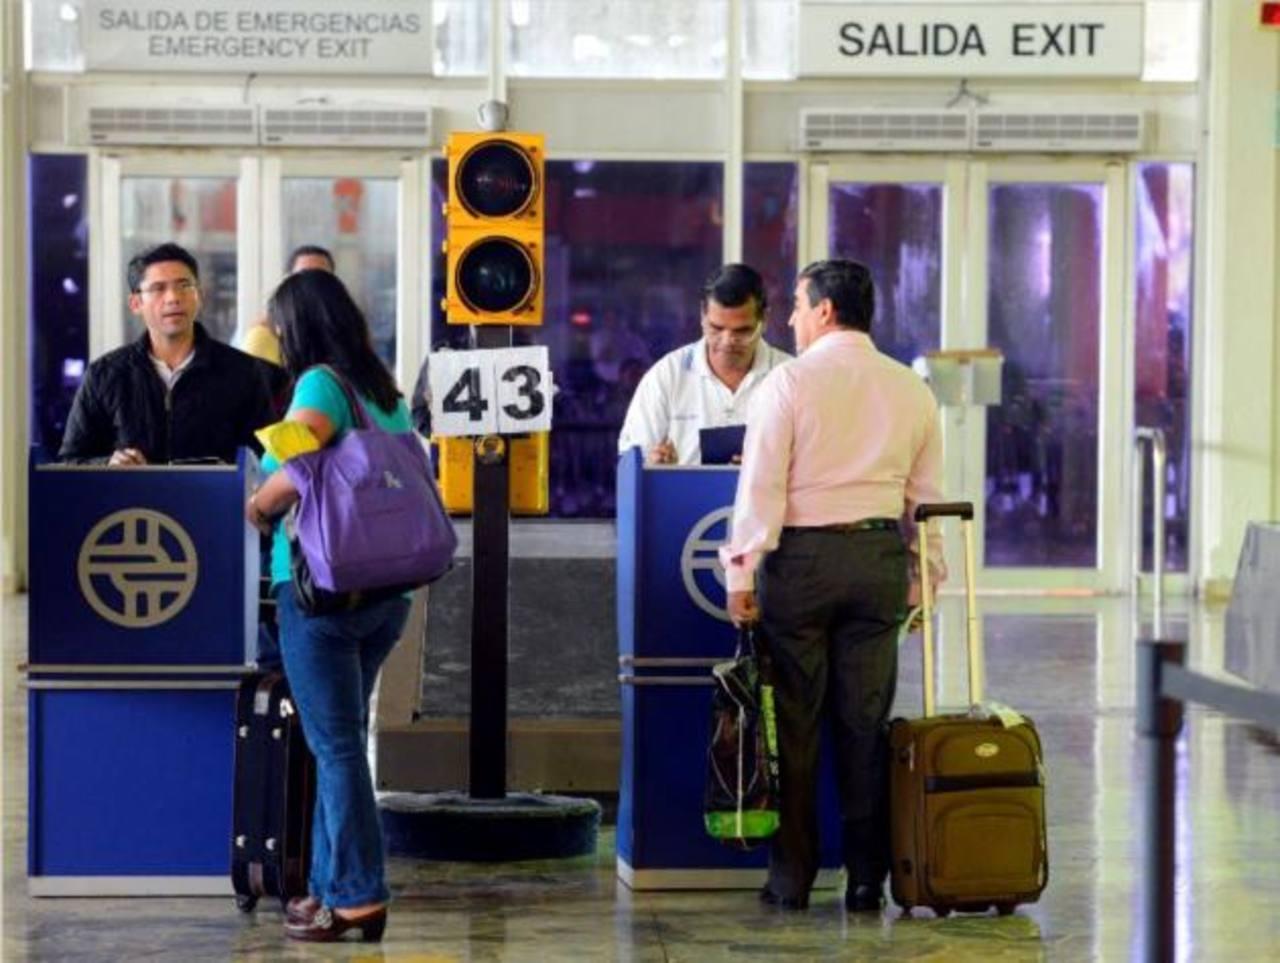 Cae pareja en Aeropuerto con 4 kilos de cocaína